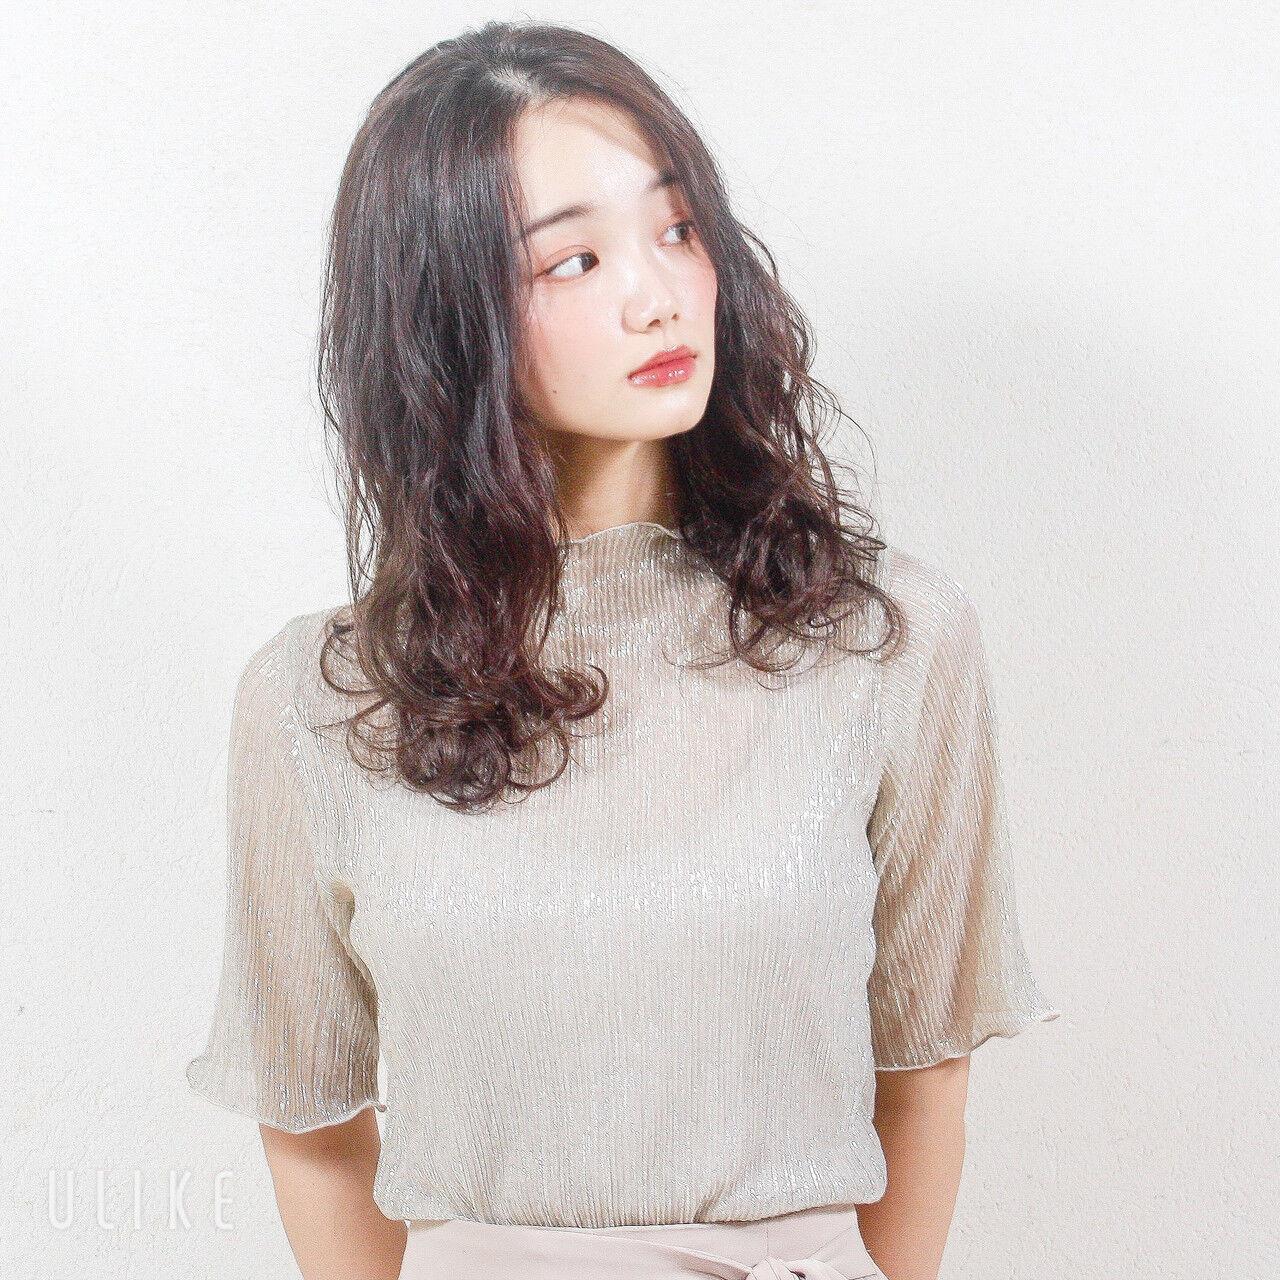 外巻き×内巻きのミックス 下尾明大/Euphoria 銀座本店  Euphoria 銀座本店